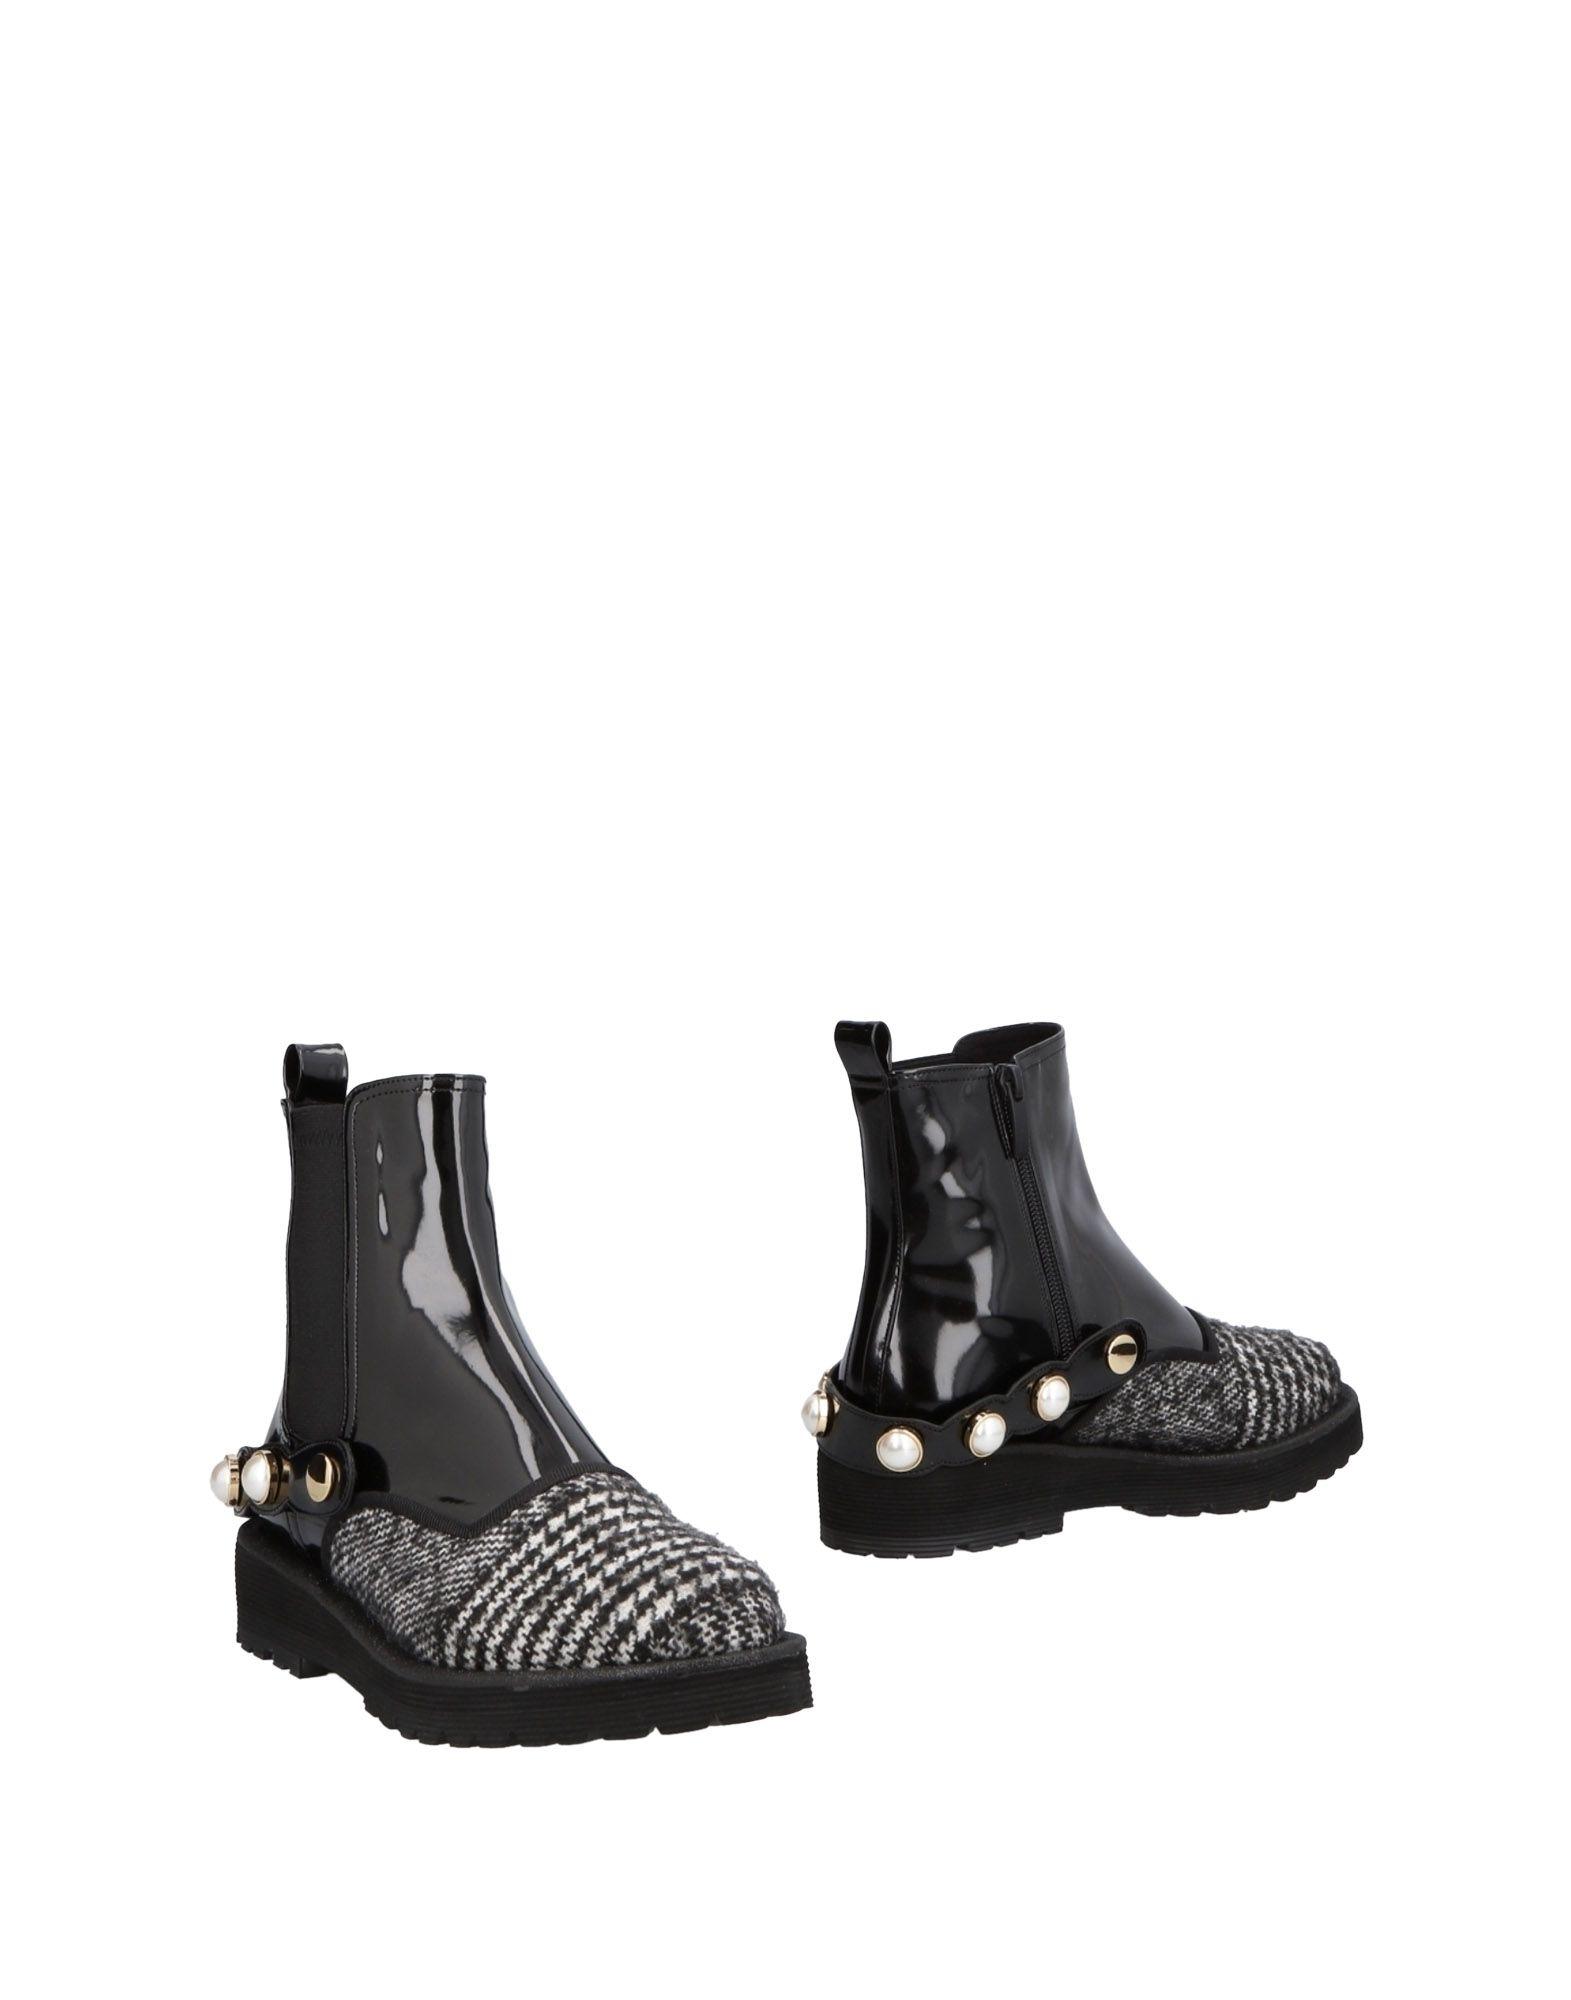 Suecomma Bonnie Stiefelette Damen  11453040GEGut aussehende strapazierfähige Schuhe